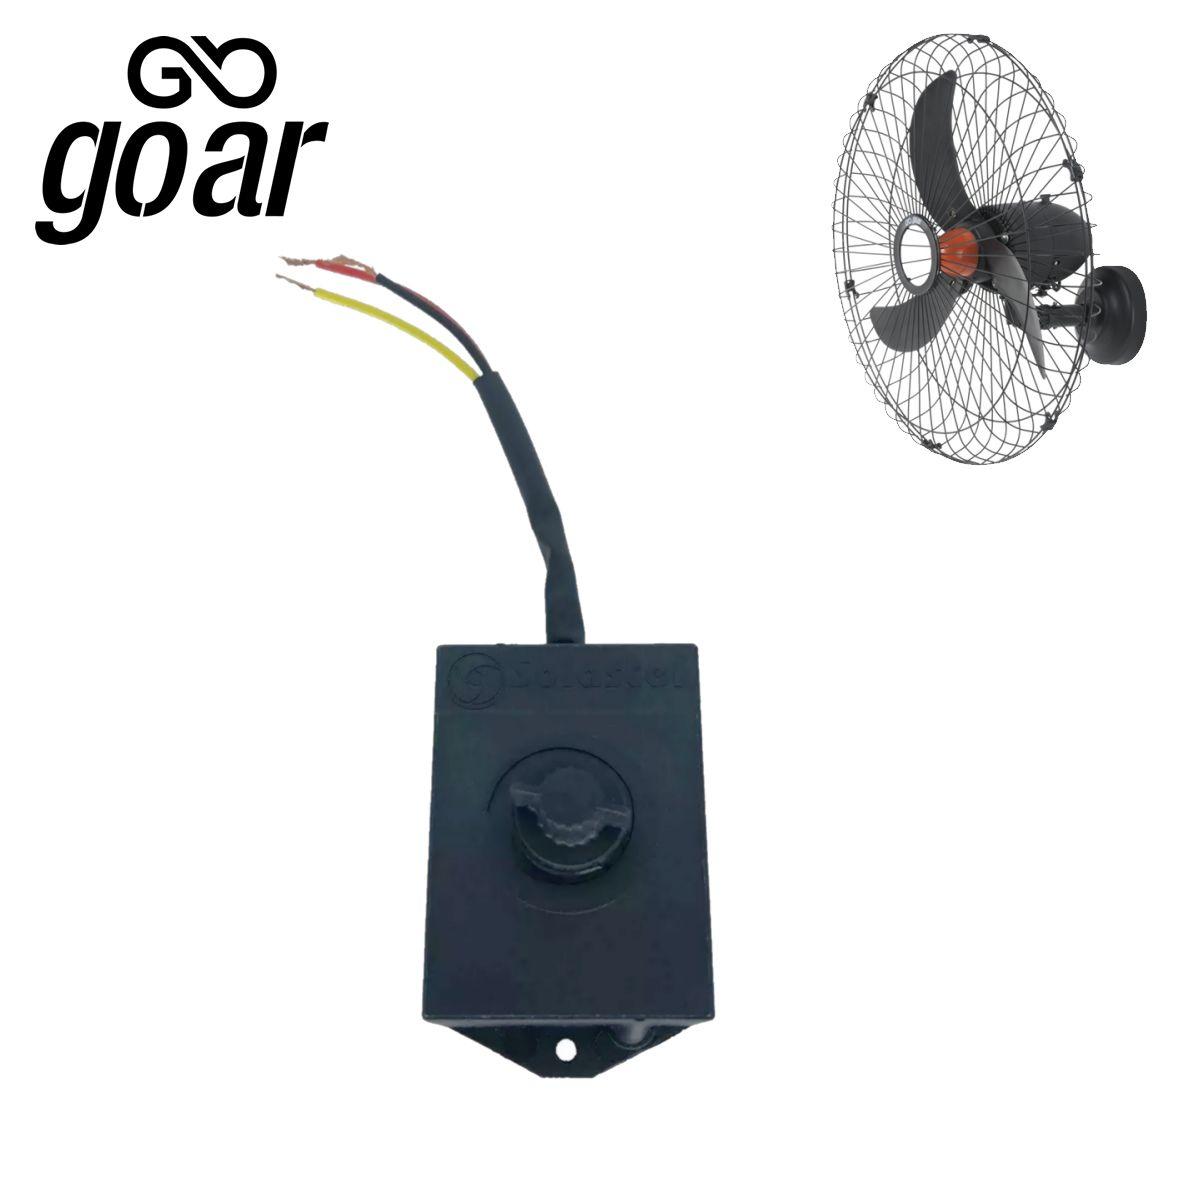 Controle De Velocidade Ventilador Goar V70 70 Cm Preto Novo